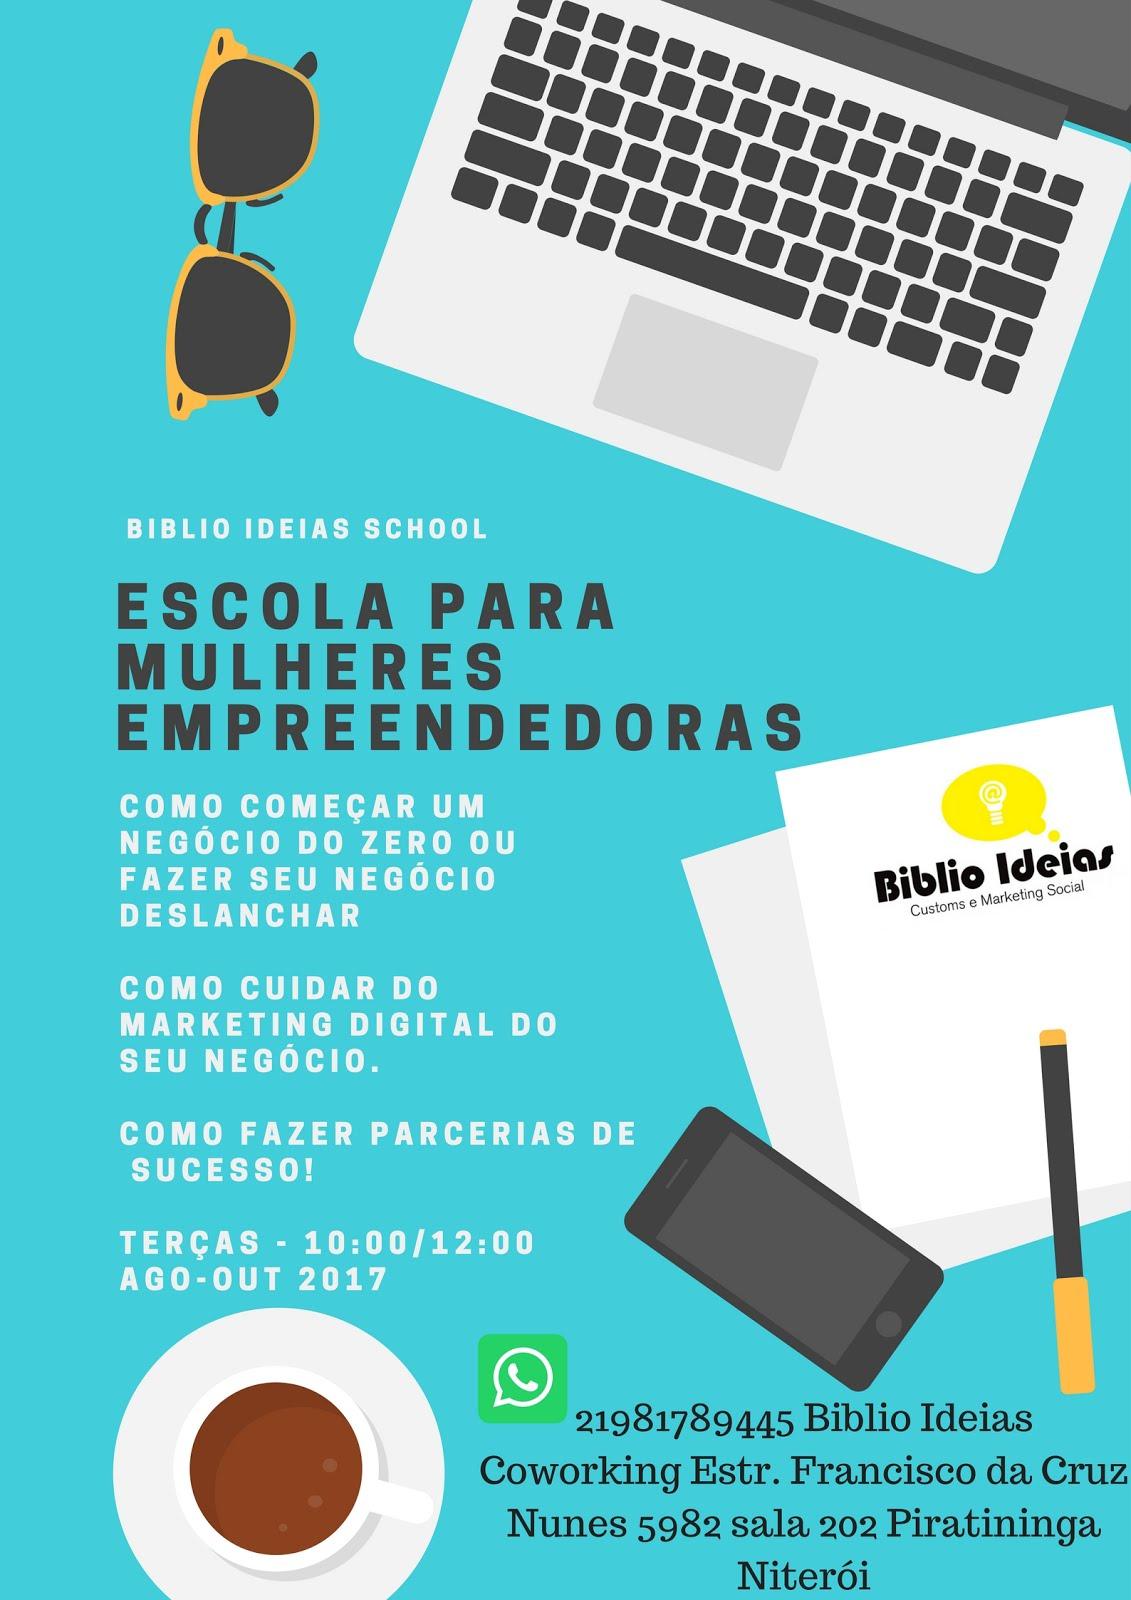 Escola para mulheres empreendedoras